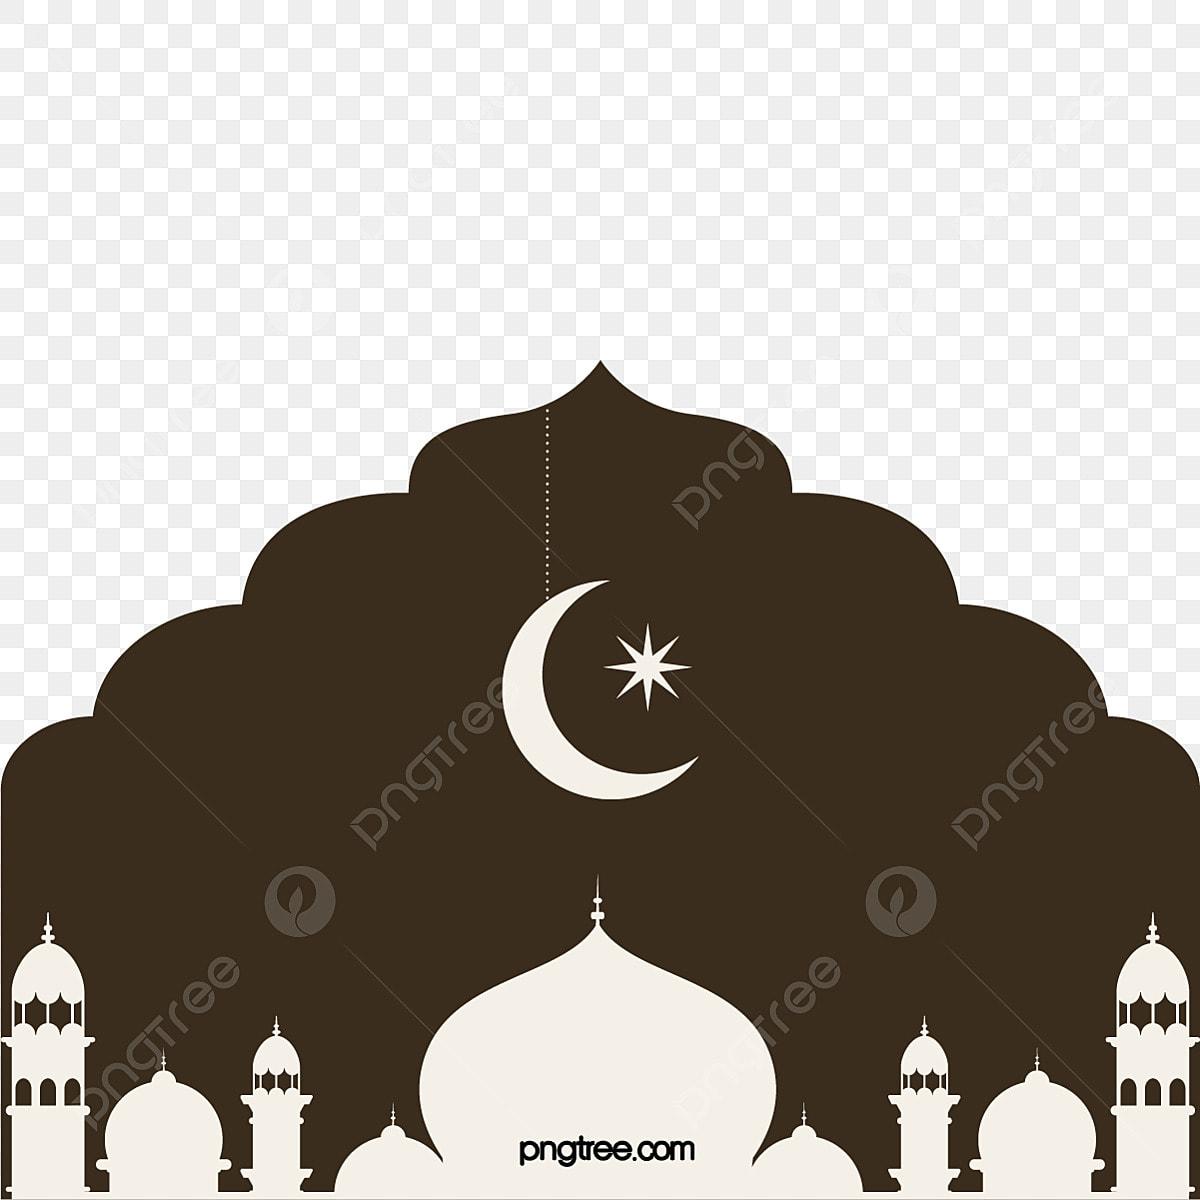 Gambar Gaya Flat Bulan Di Masjid Coklat Islam Islam Memecahkan Landasan Pantas Png Dan Vektor Untuk Muat Turun Percuma